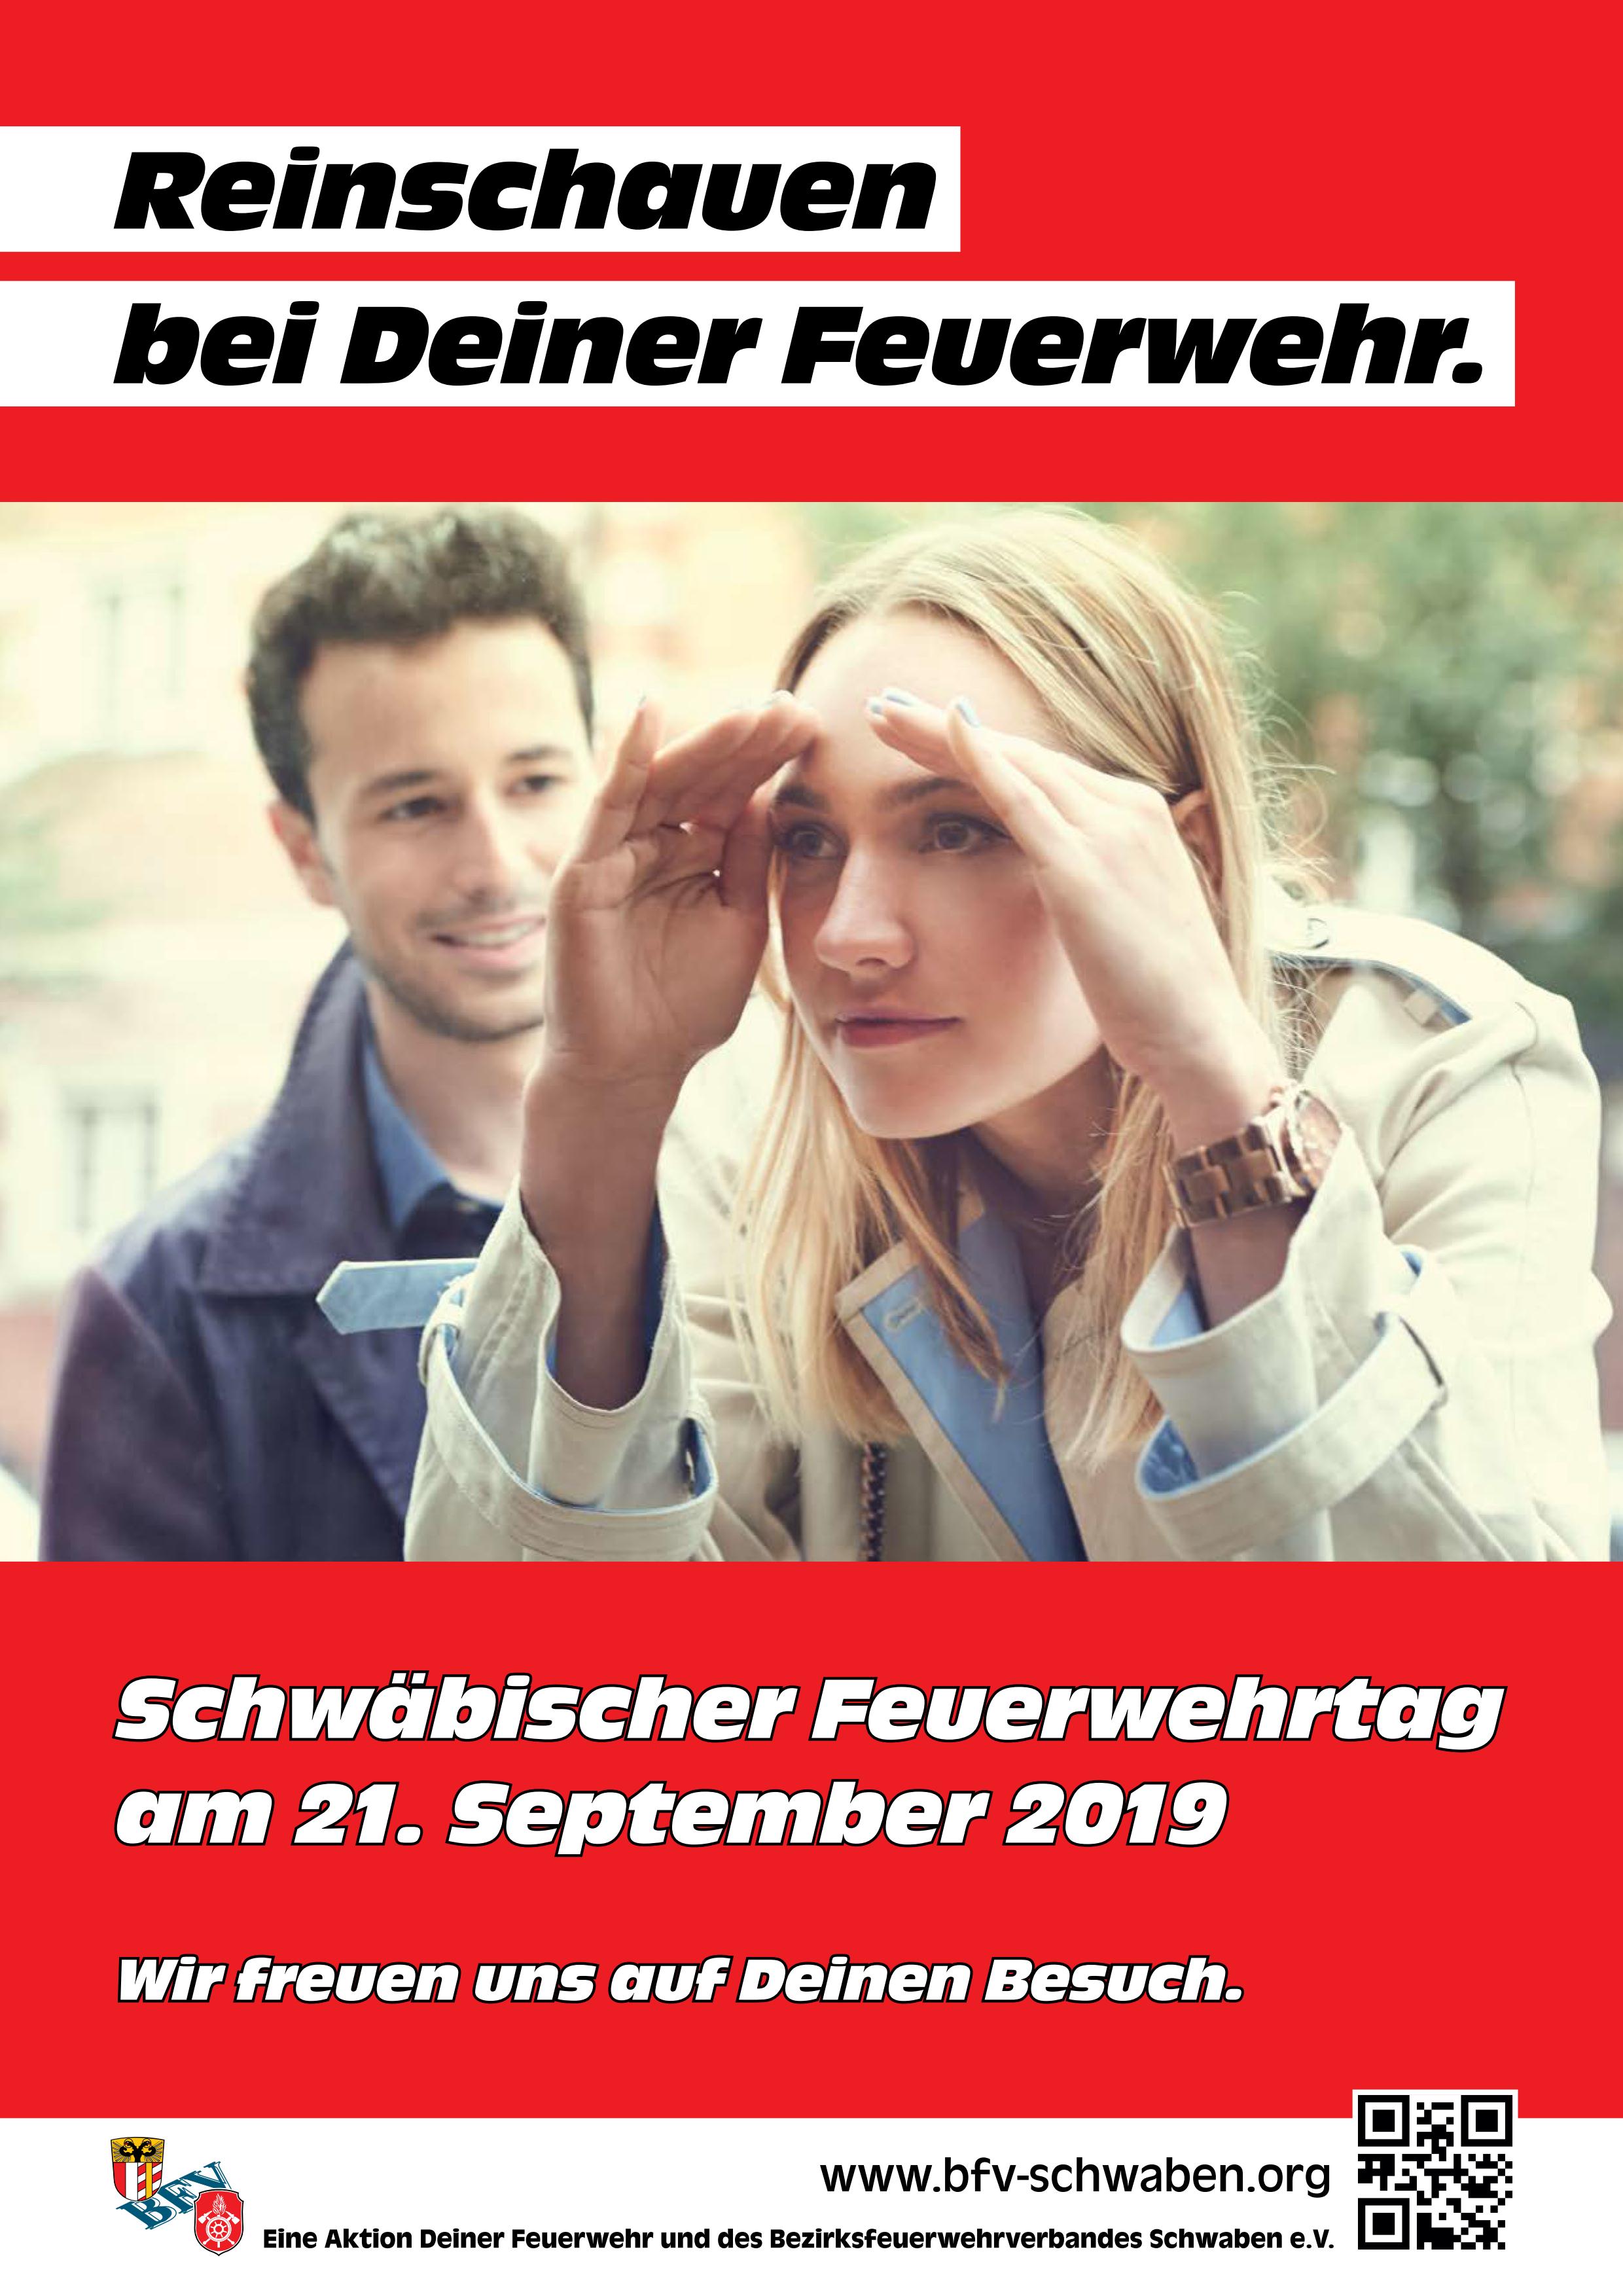 Reinschauen bei deiner Feuerwehr #Schwäbischer Feuerwehrtag